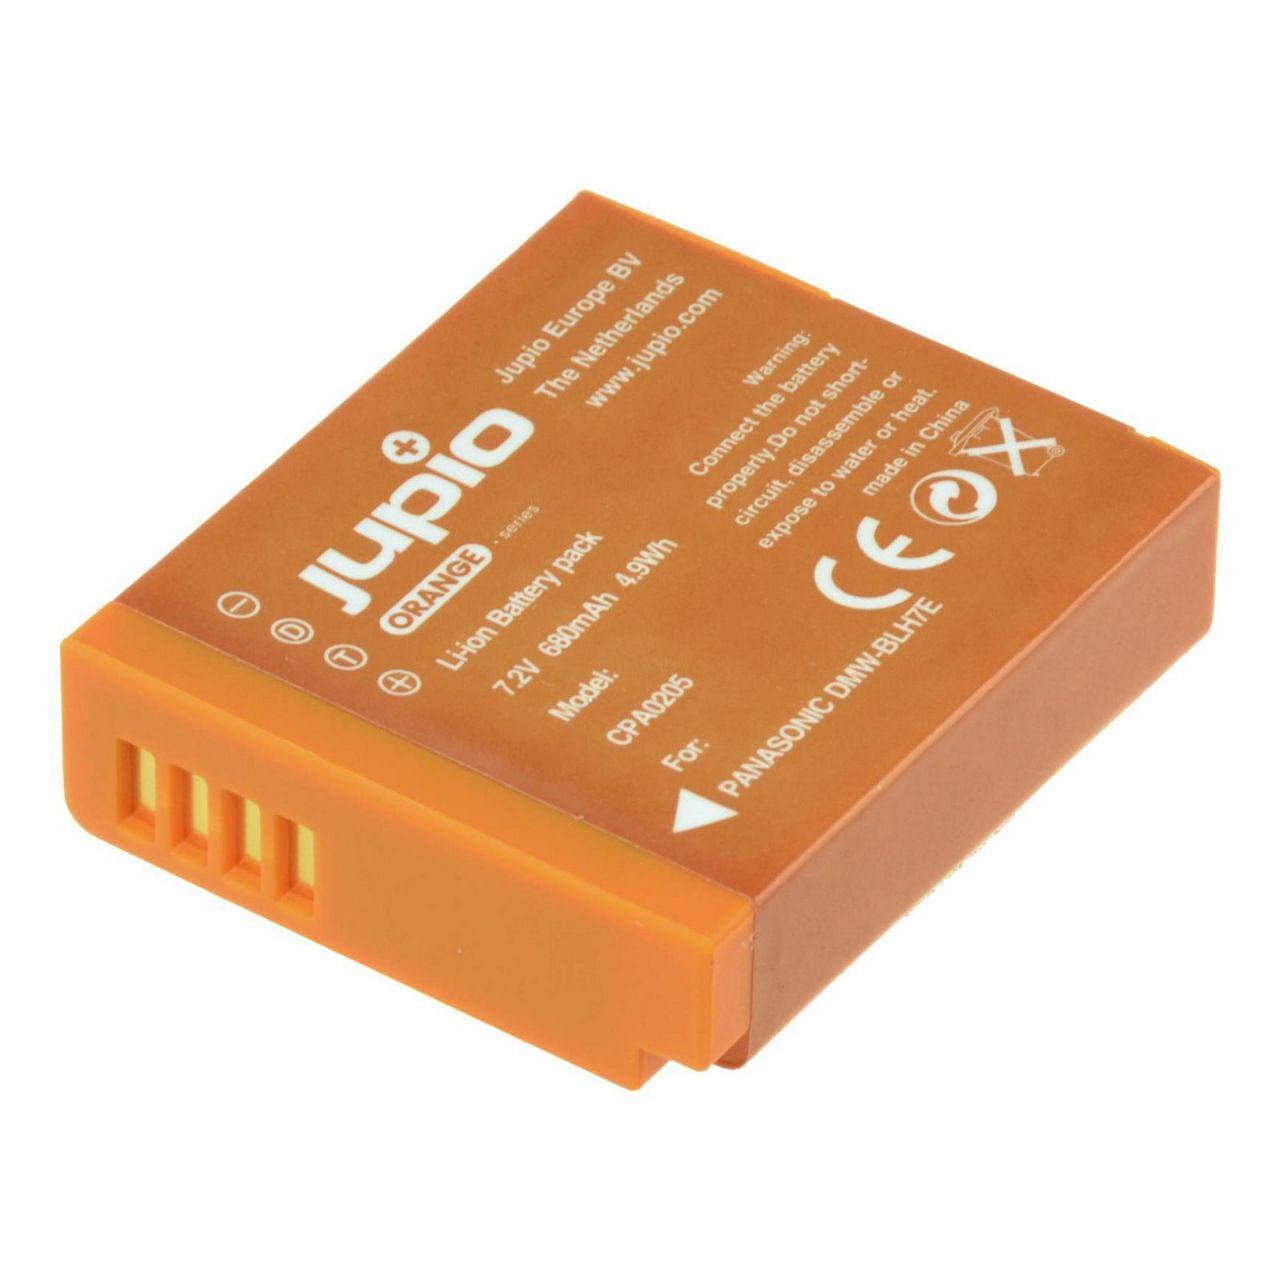 Panasonic DMW-BLH7E Orange, utángyártott fényképezőgép akkumulátor a Jupiotól